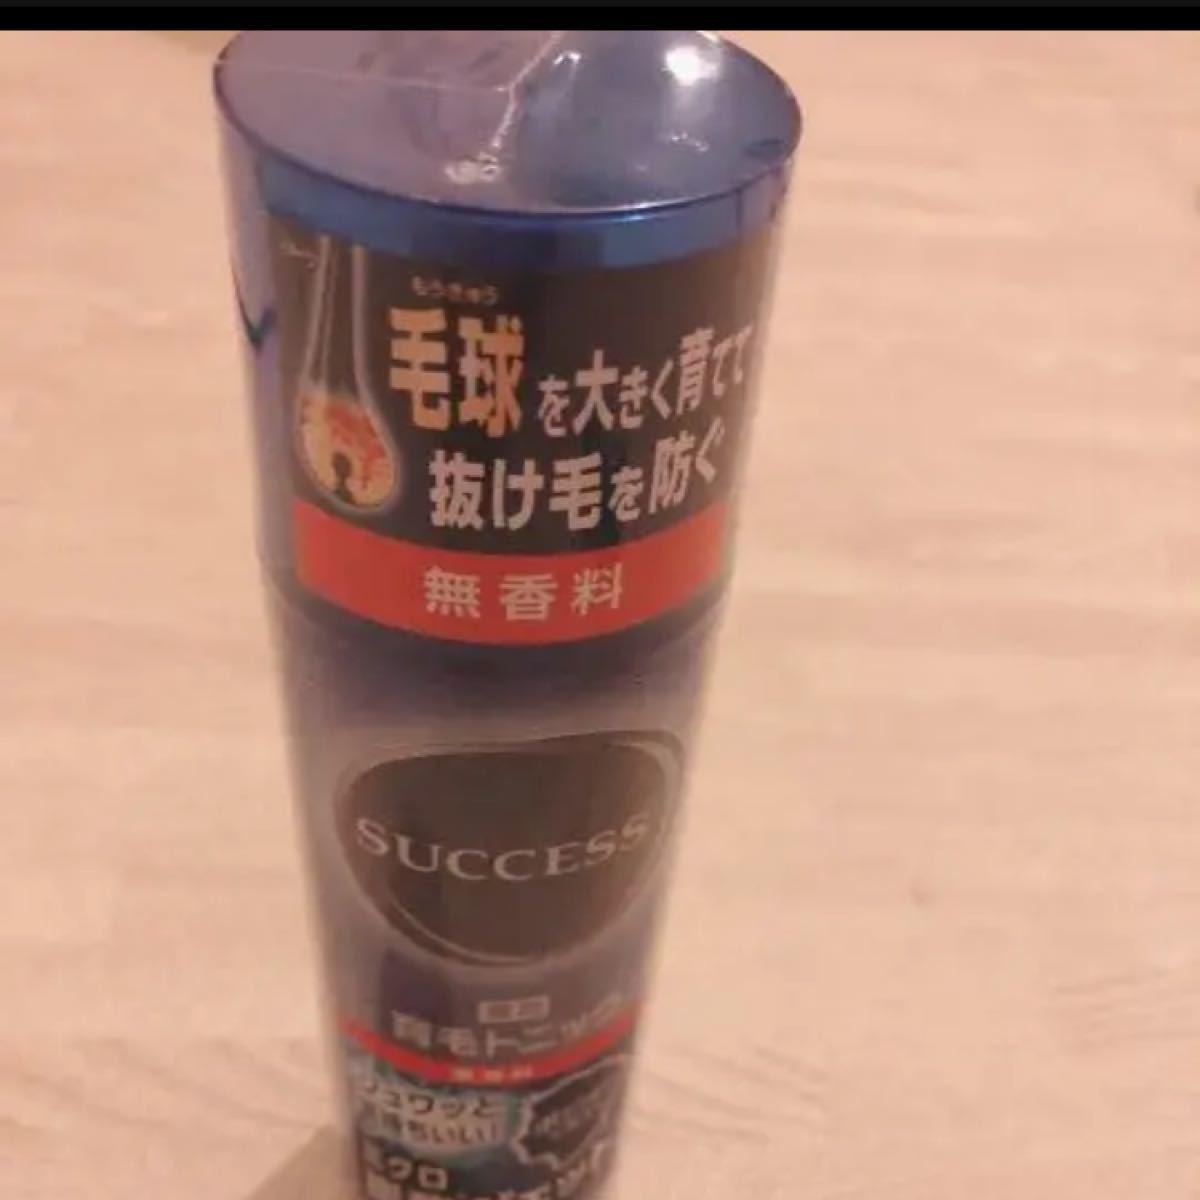 サクセス 薬用育毛トニック ミクロ炭酸ジェット